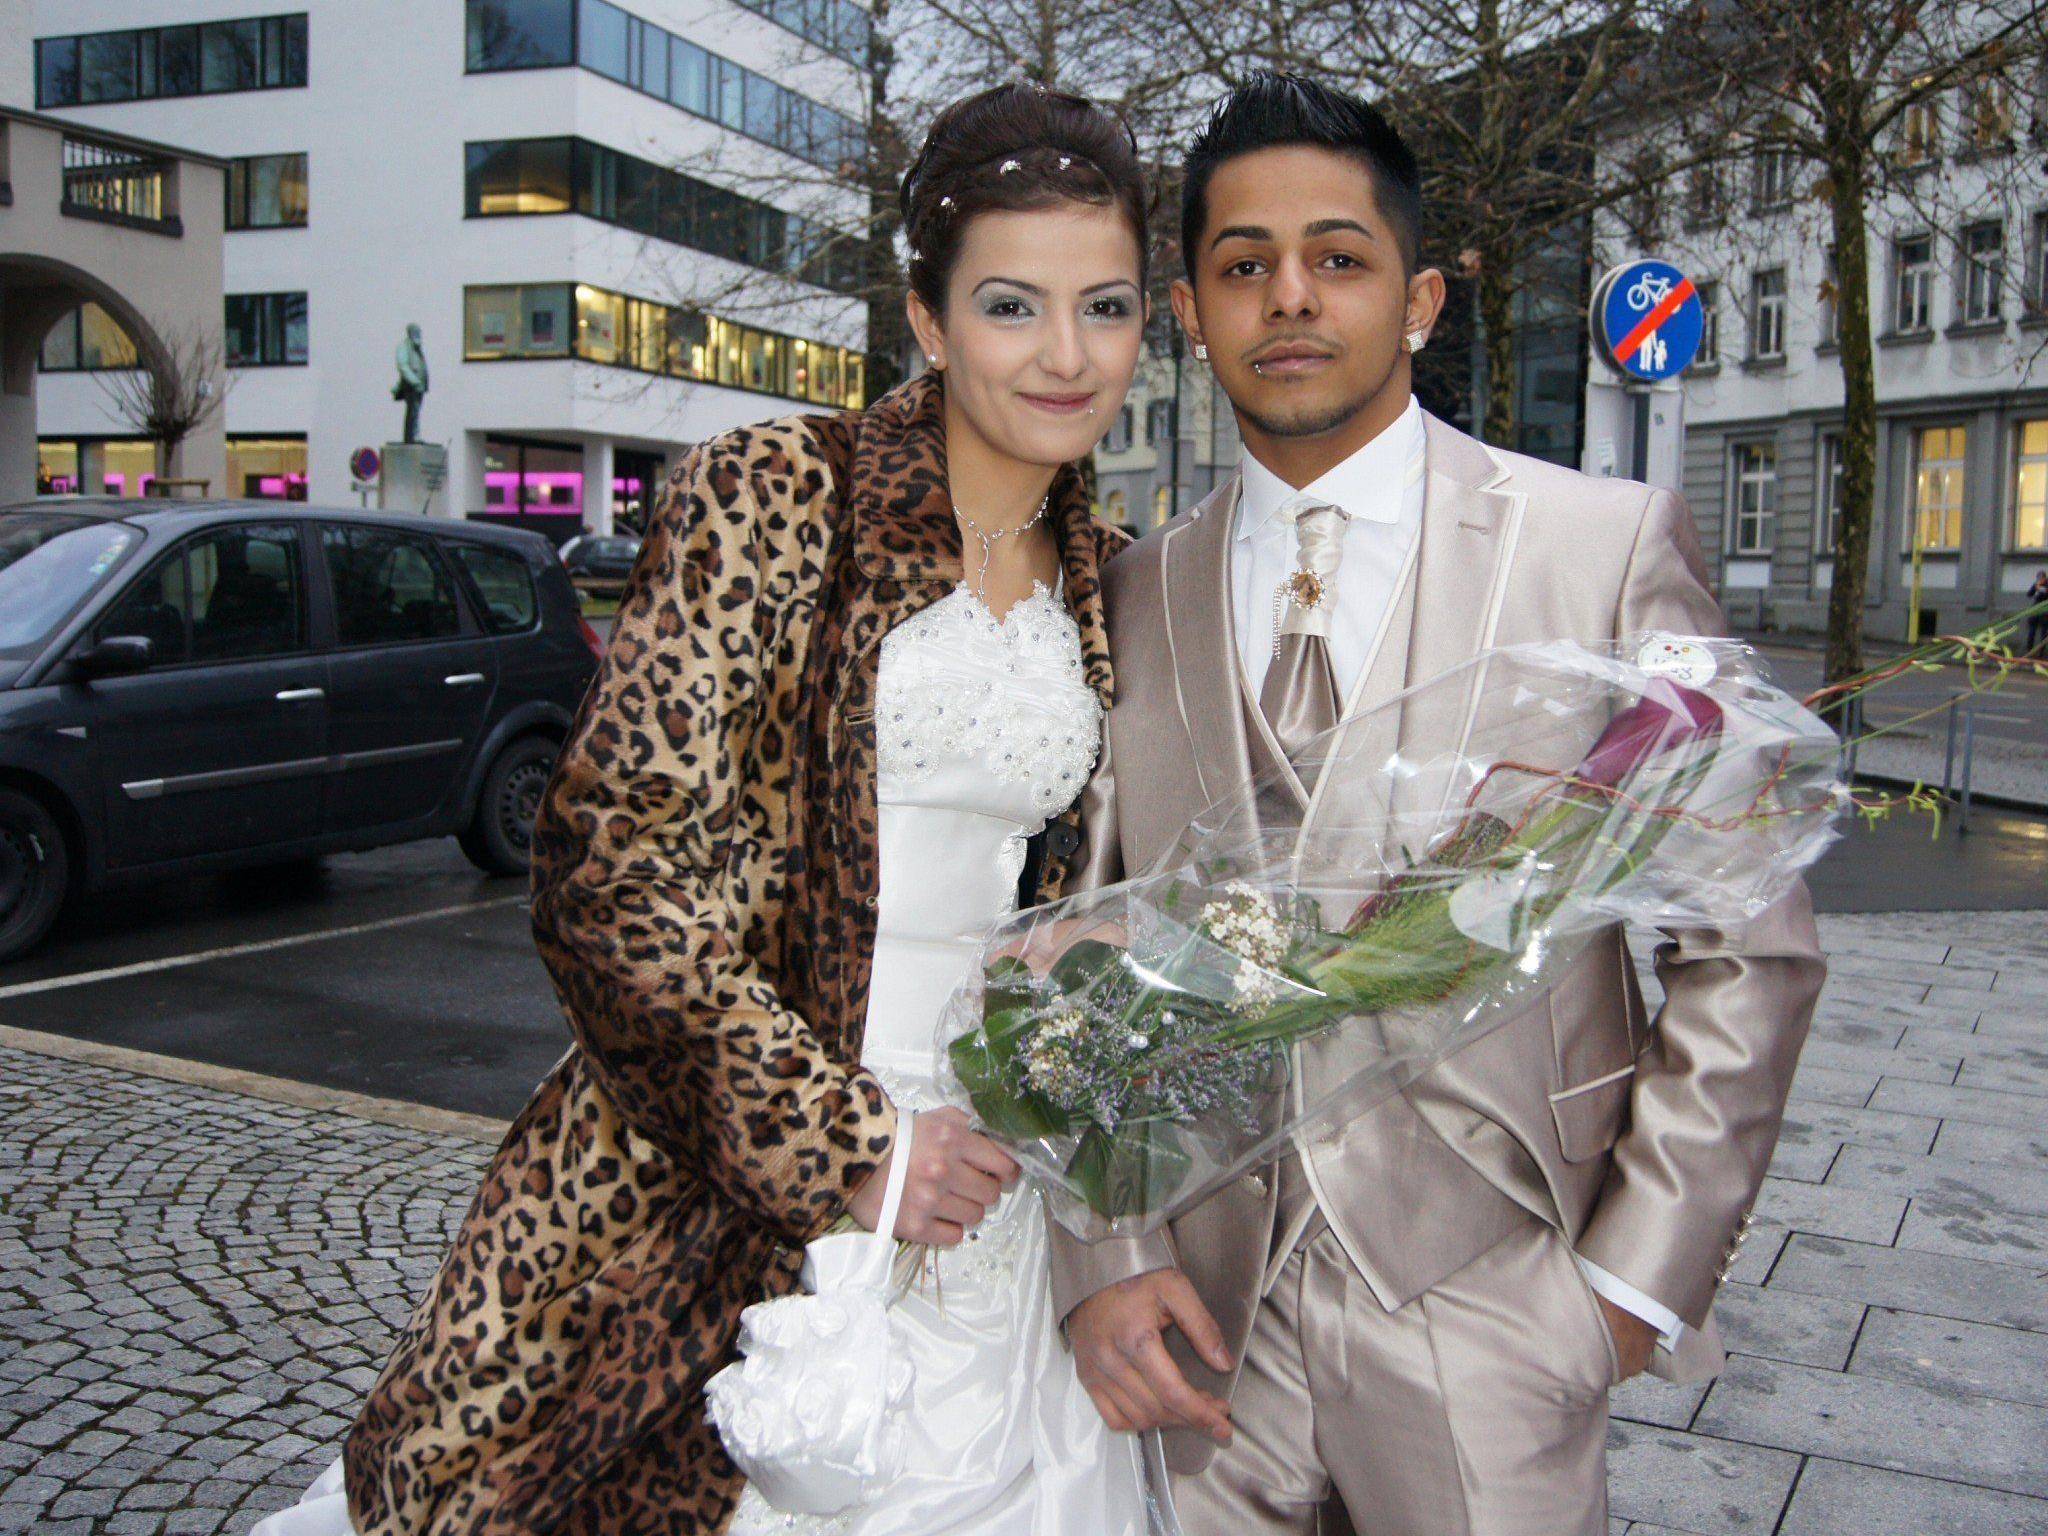 Das Brautpaar auf dem Weg zum Standesamt